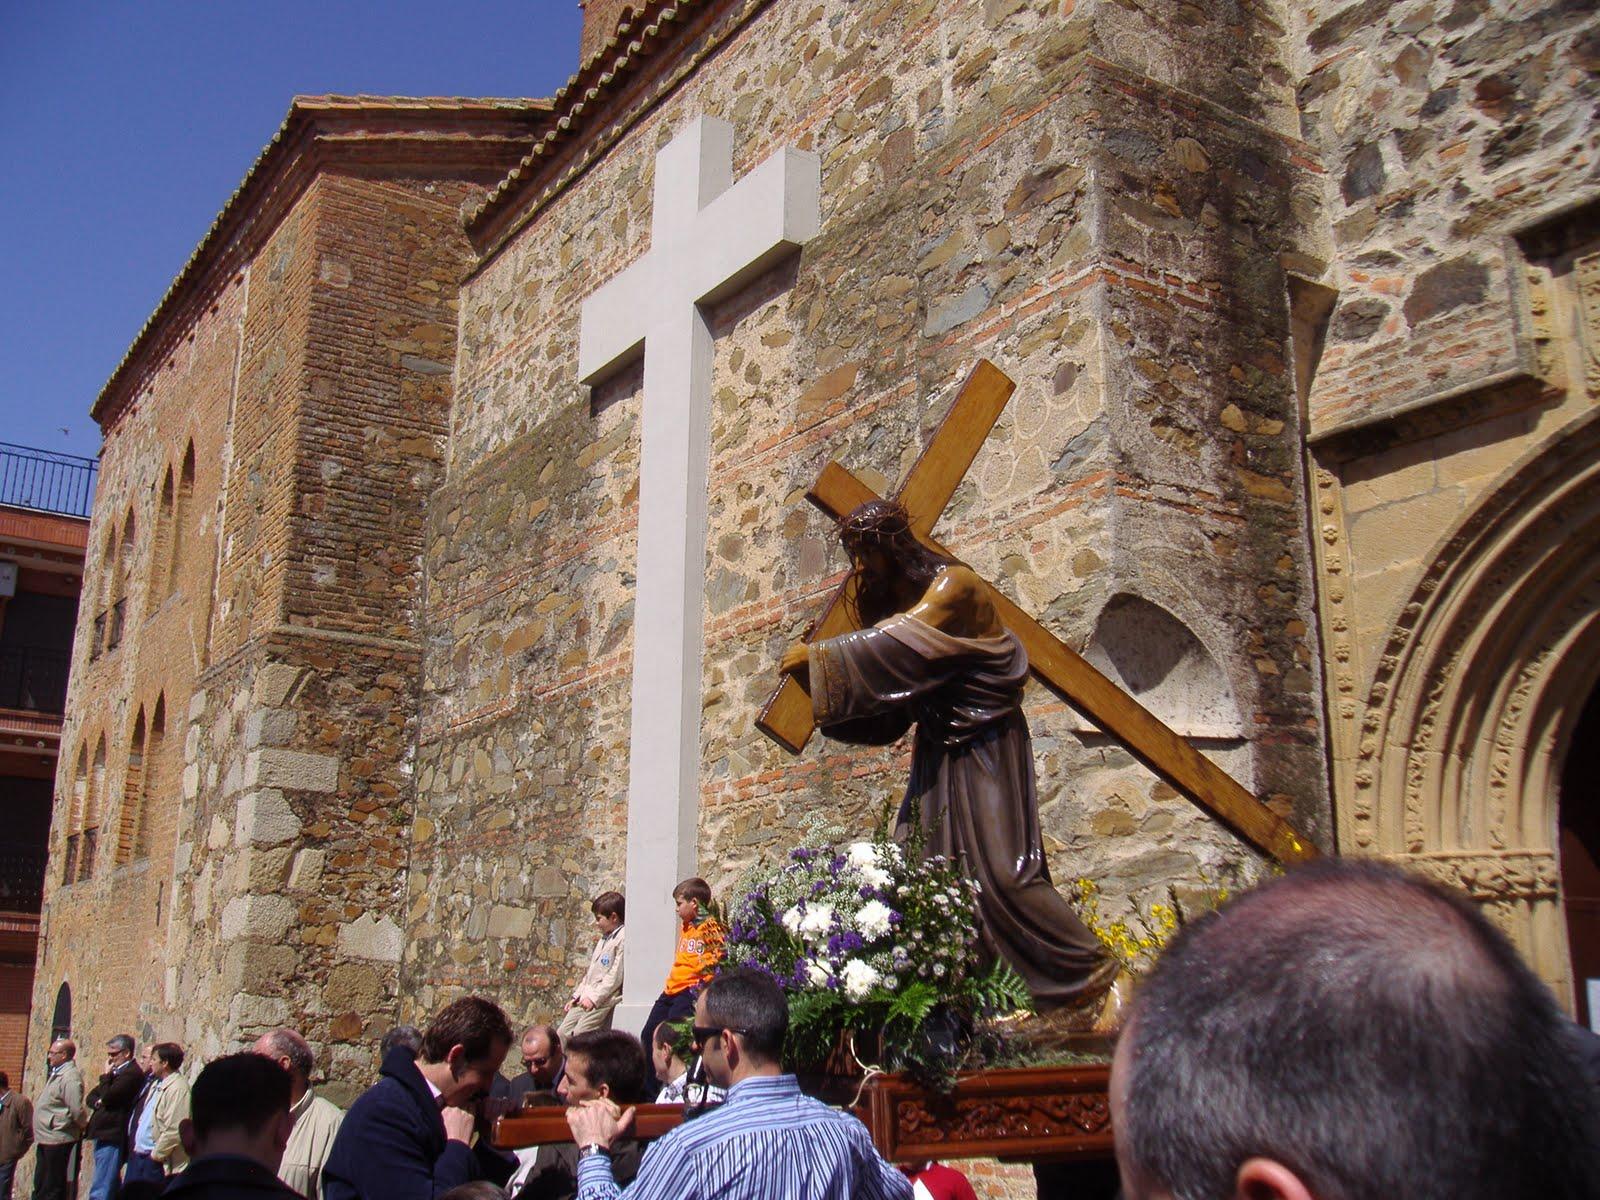 Asociaci n flamenca los remedios semana santa en casas de don pedro badajoz - Casas de don pedro badajoz ...